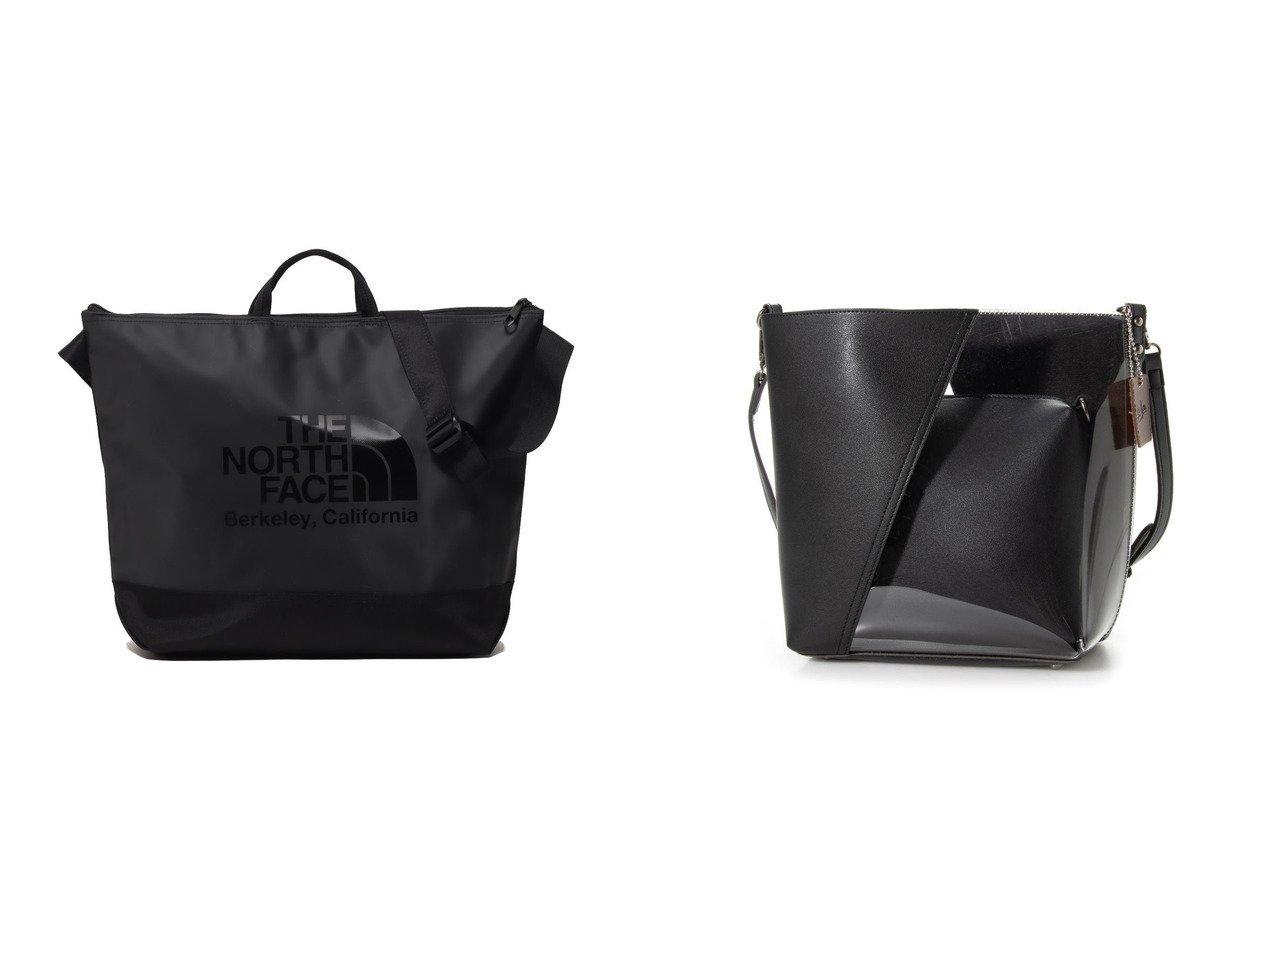 【THE NORTH FACE/ザ ノース フェイス】のBC SHOULDER TOTE&【Le son/ル ソン】のル ソン Le son クリア素材ショルダーバッグ バッグ・鞄のおすすめ!人気、トレンド・レディースファッションの通販 おすすめで人気の流行・トレンド、ファッションの通販商品 メンズファッション・キッズファッション・インテリア・家具・レディースファッション・服の通販 founy(ファニー) https://founy.com/ ファッション Fashion レディースファッション WOMEN バッグ Bag 春 Spring シンプル 定番 Standard 人気 フェイス ボックス ポケット メッシュ 2020年 2020 S/S 春夏 SS Spring/Summer 2020 春夏 S/S SS Spring/Summer 2020 コンパクト ポーチ |ID:crp329100000014997